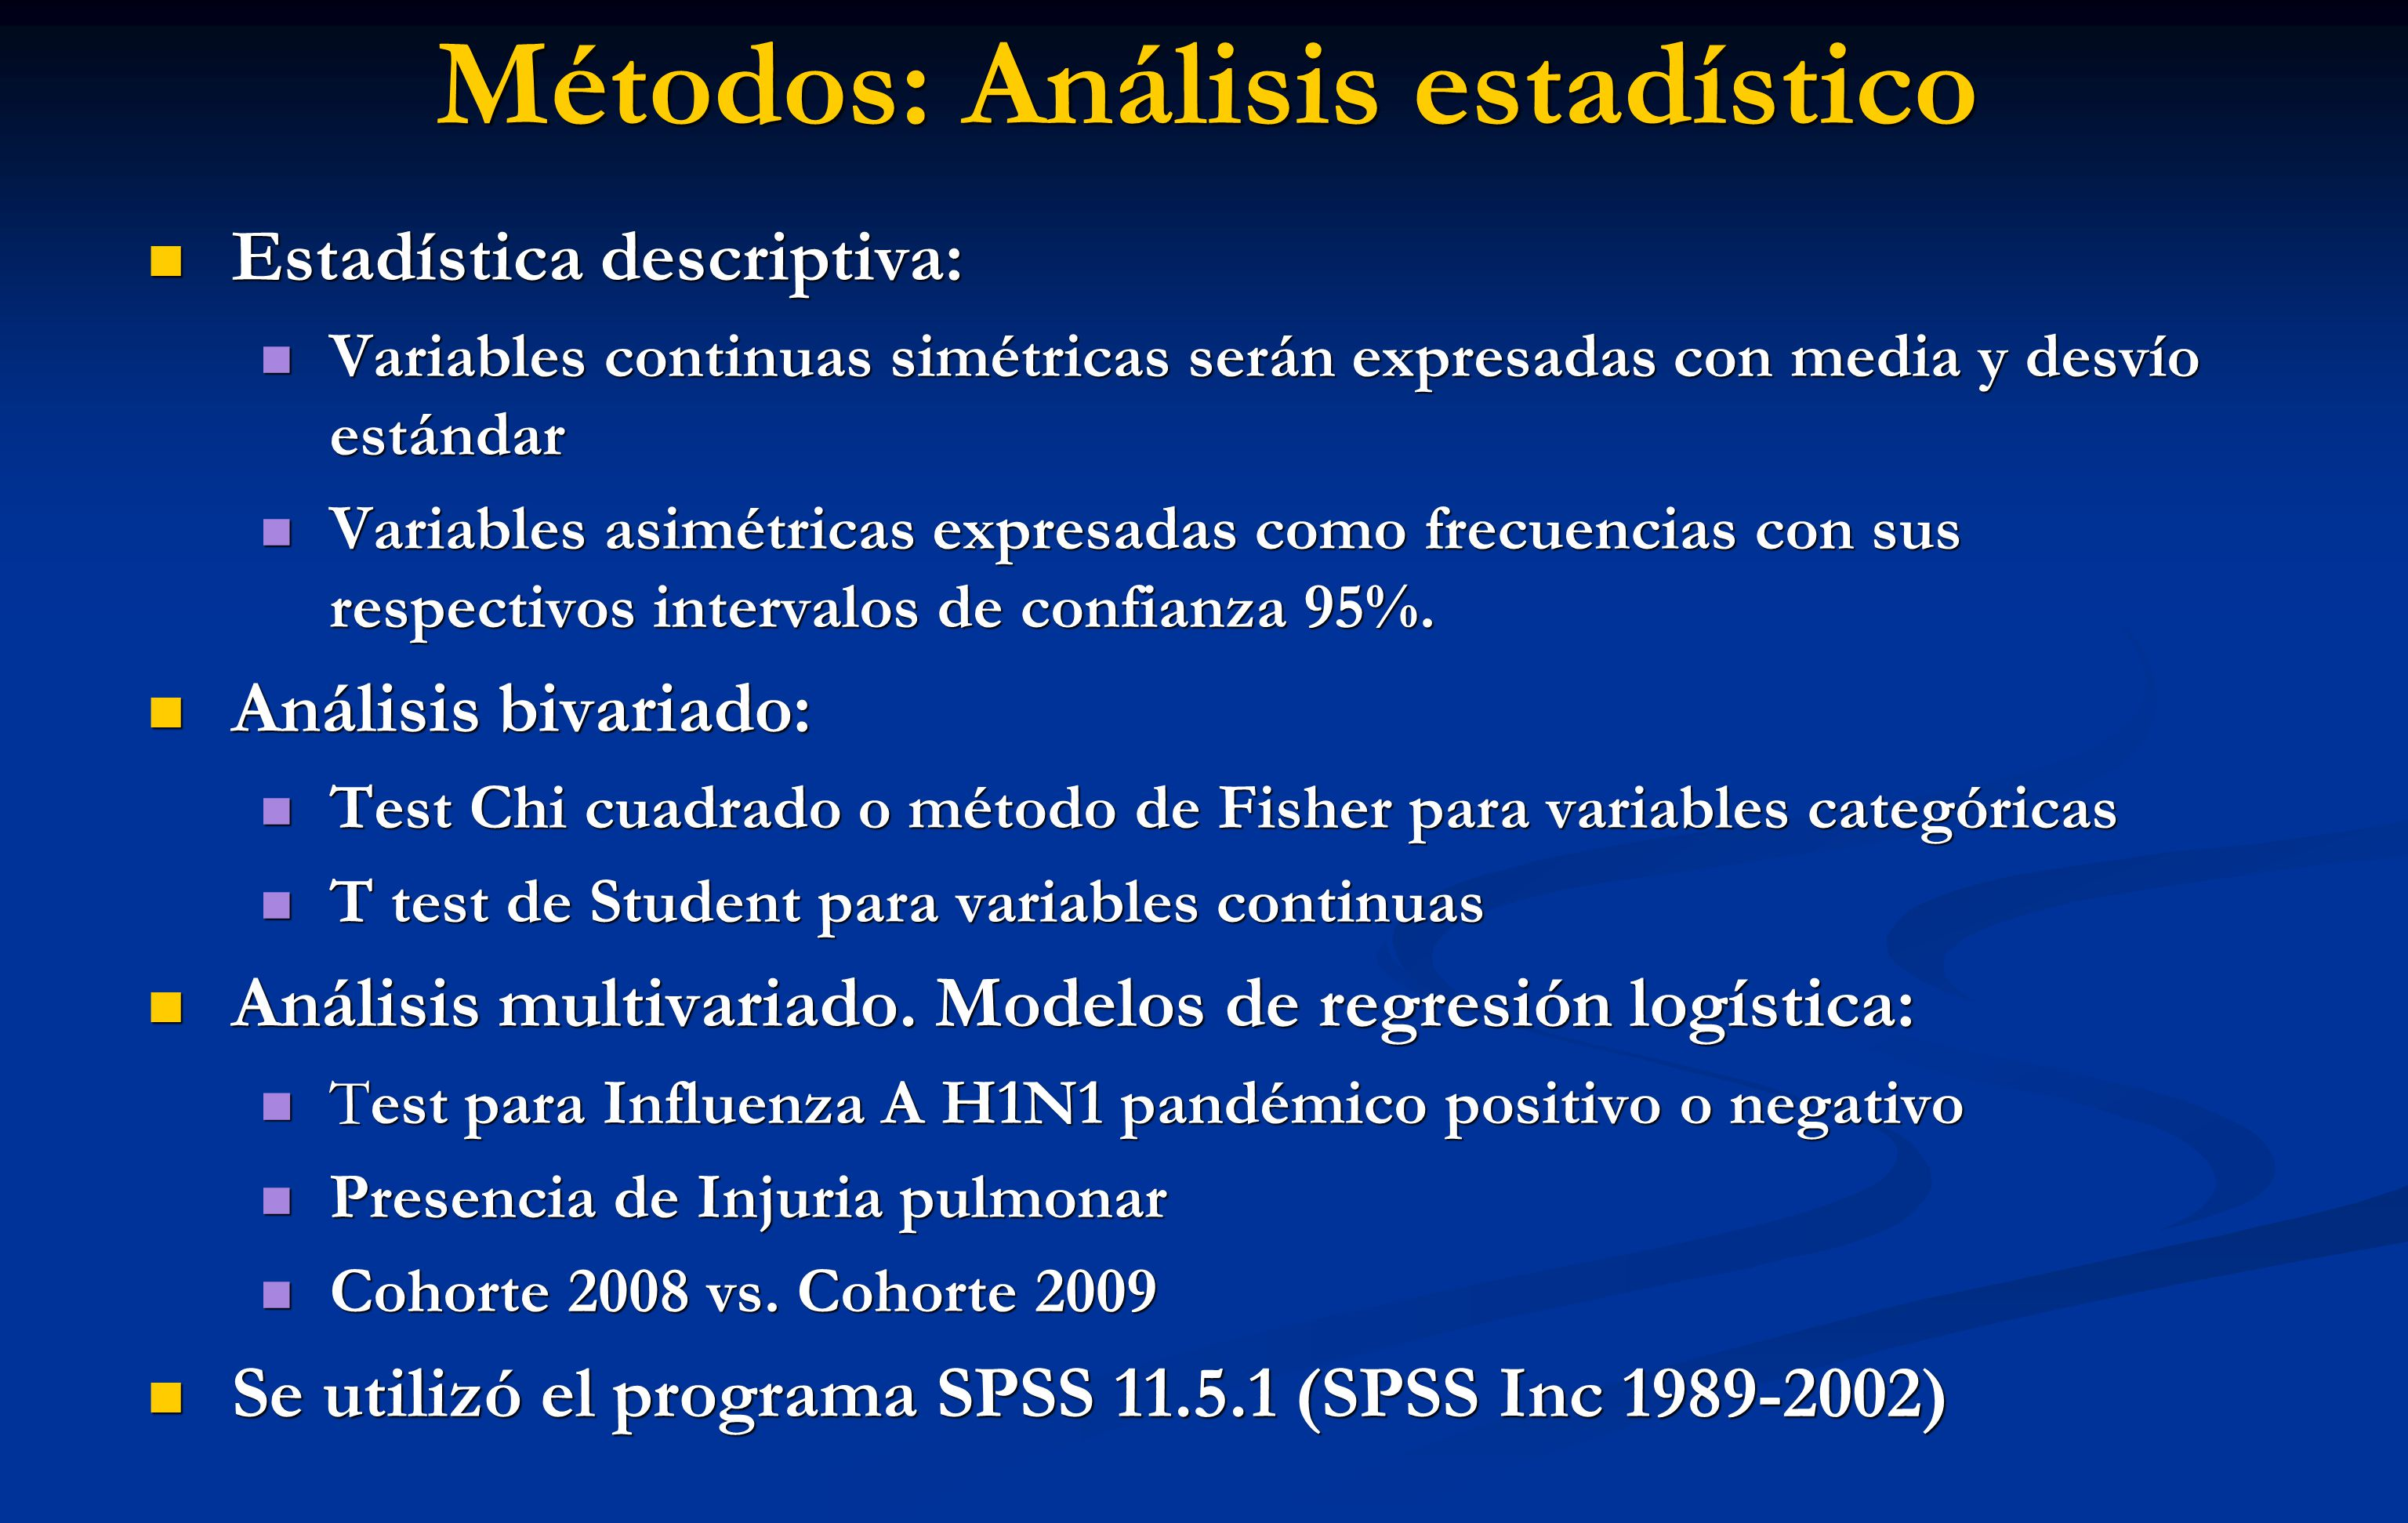 Métodos: Análisis estadístico